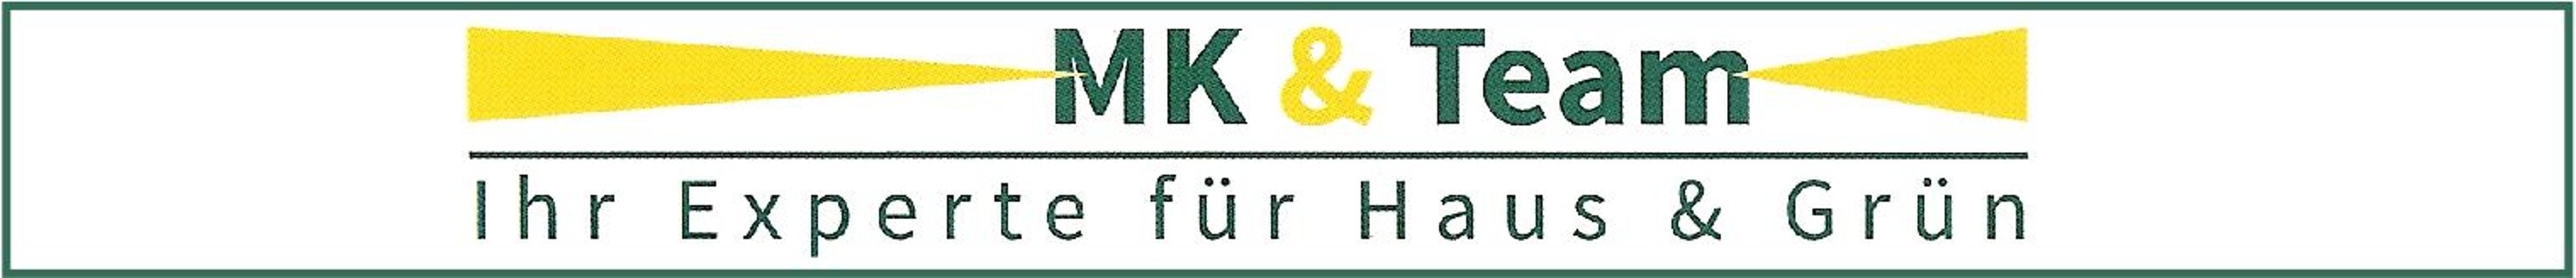 Bild zu MK & Team - Ihr Experte für Haus & Grün in Göppingen